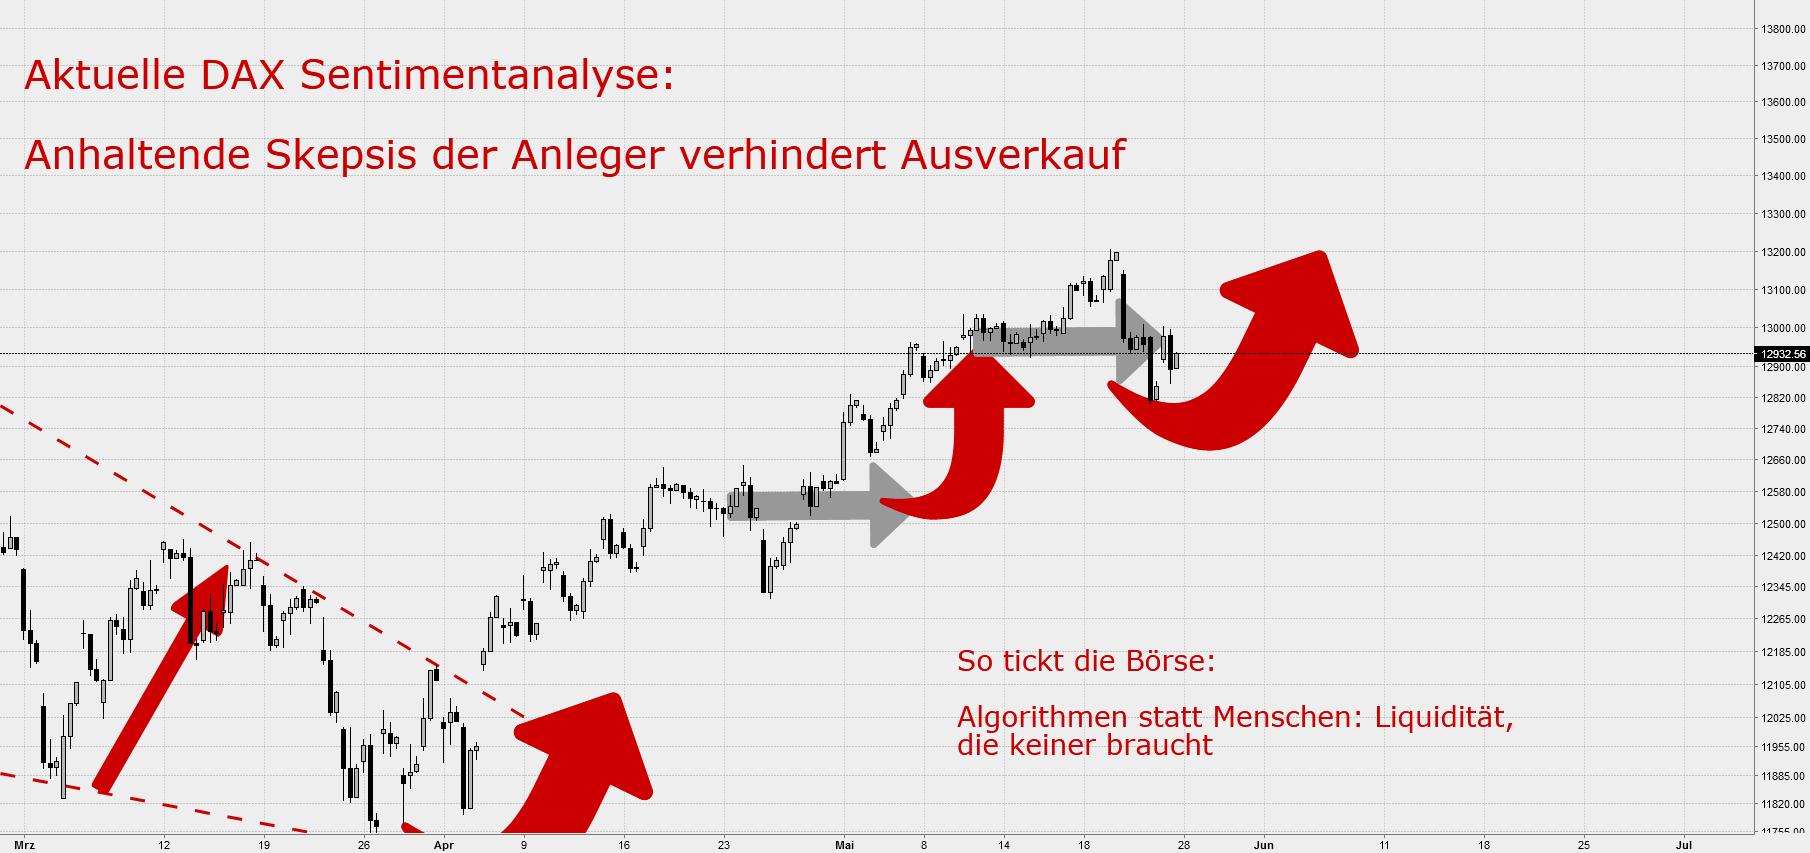 DAXUmfrage: Anhaltende Skepsis der Anleger verhindert Ausverkauf